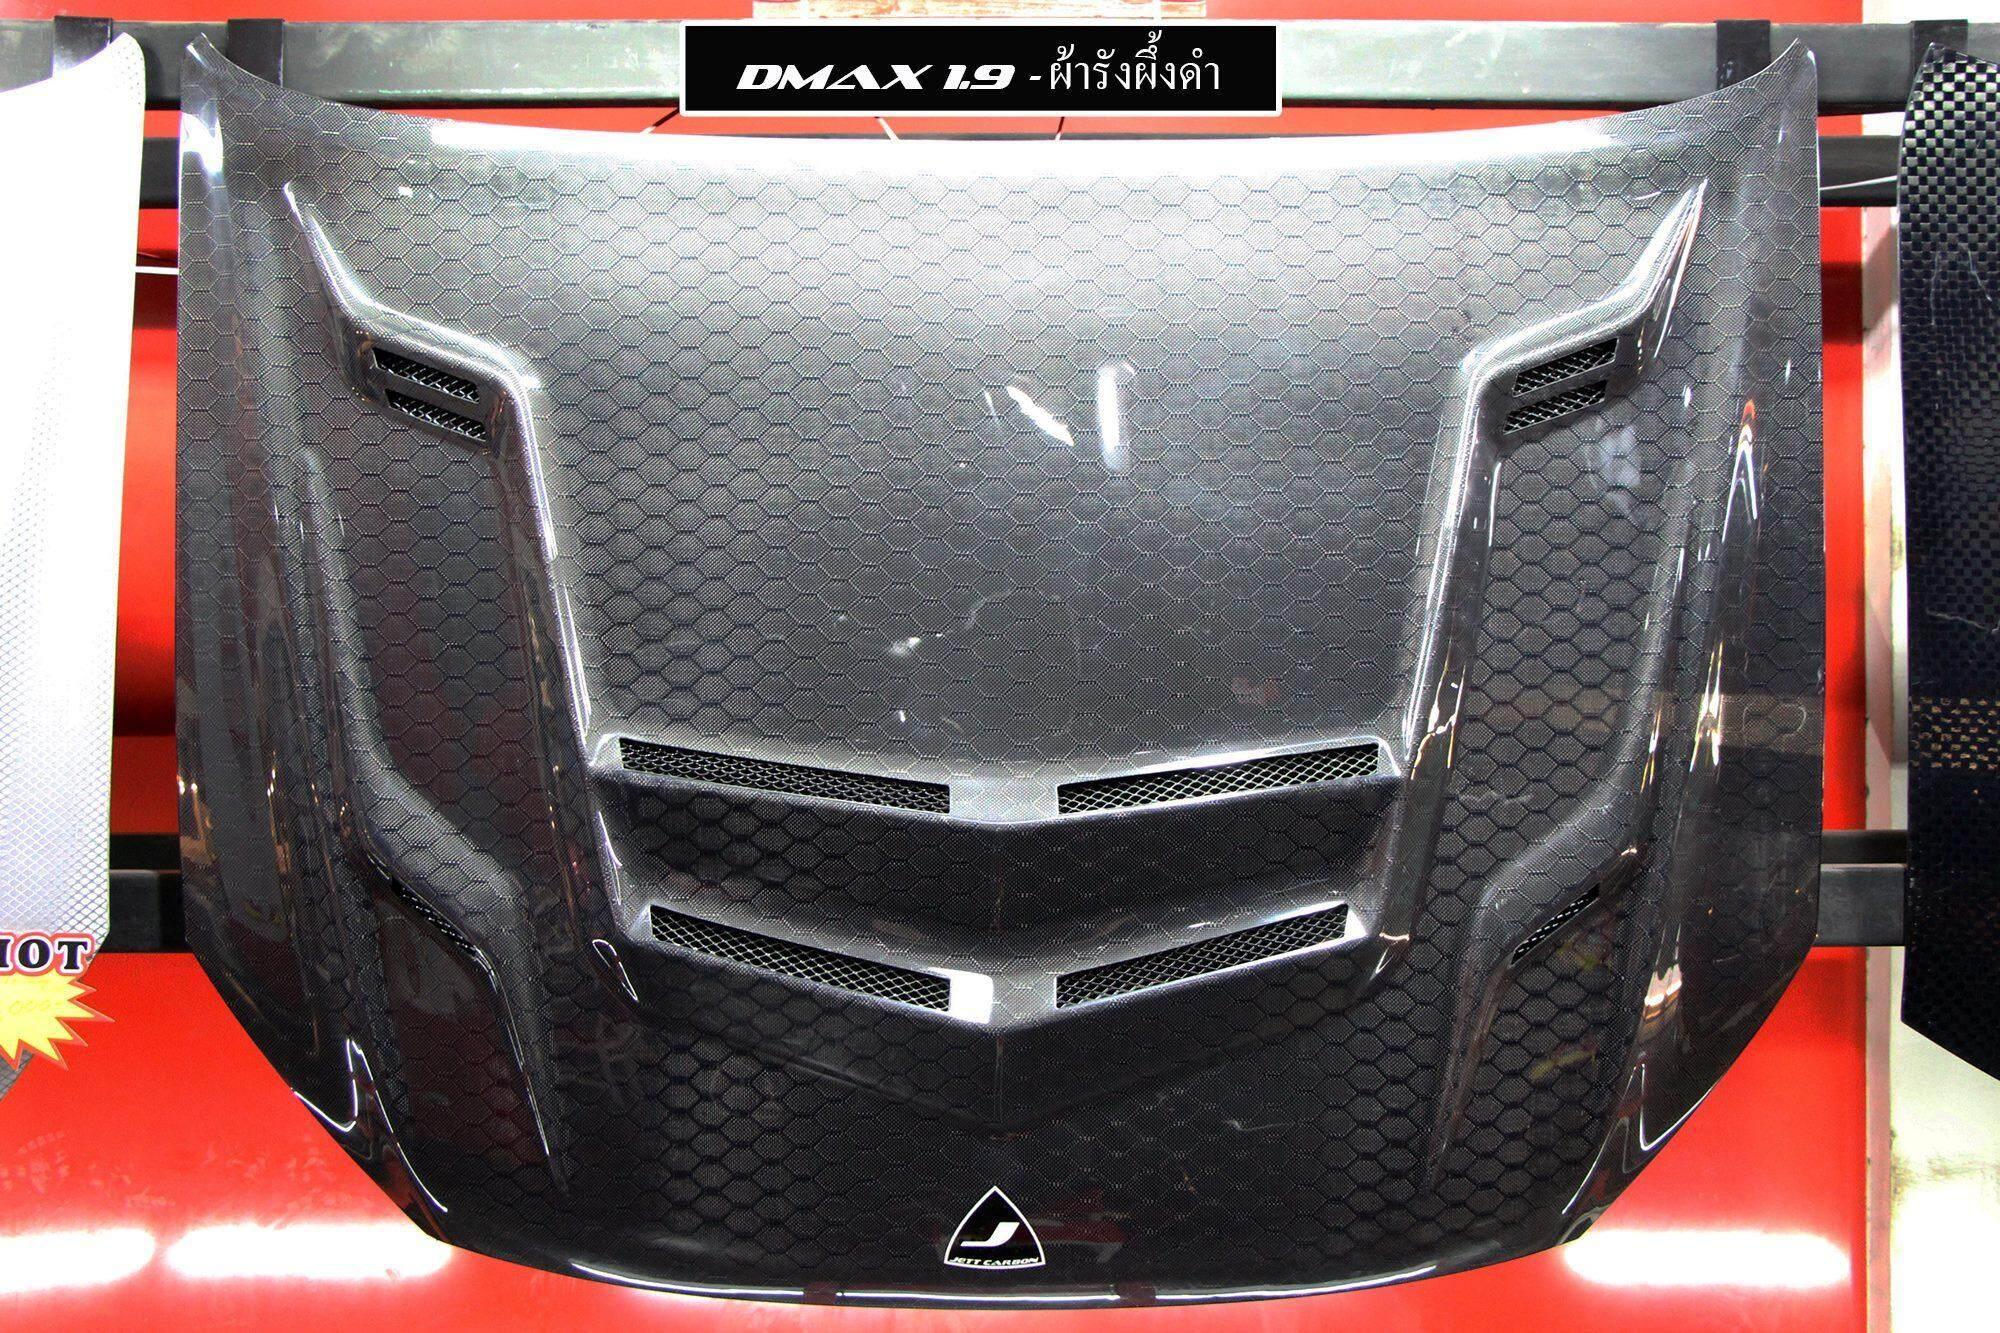 ฝากระโปรงหน้าคาร์บอน รถ D-Max1.9 ลายรังผึ้ง By Jett Carbon By Hispeed2009.